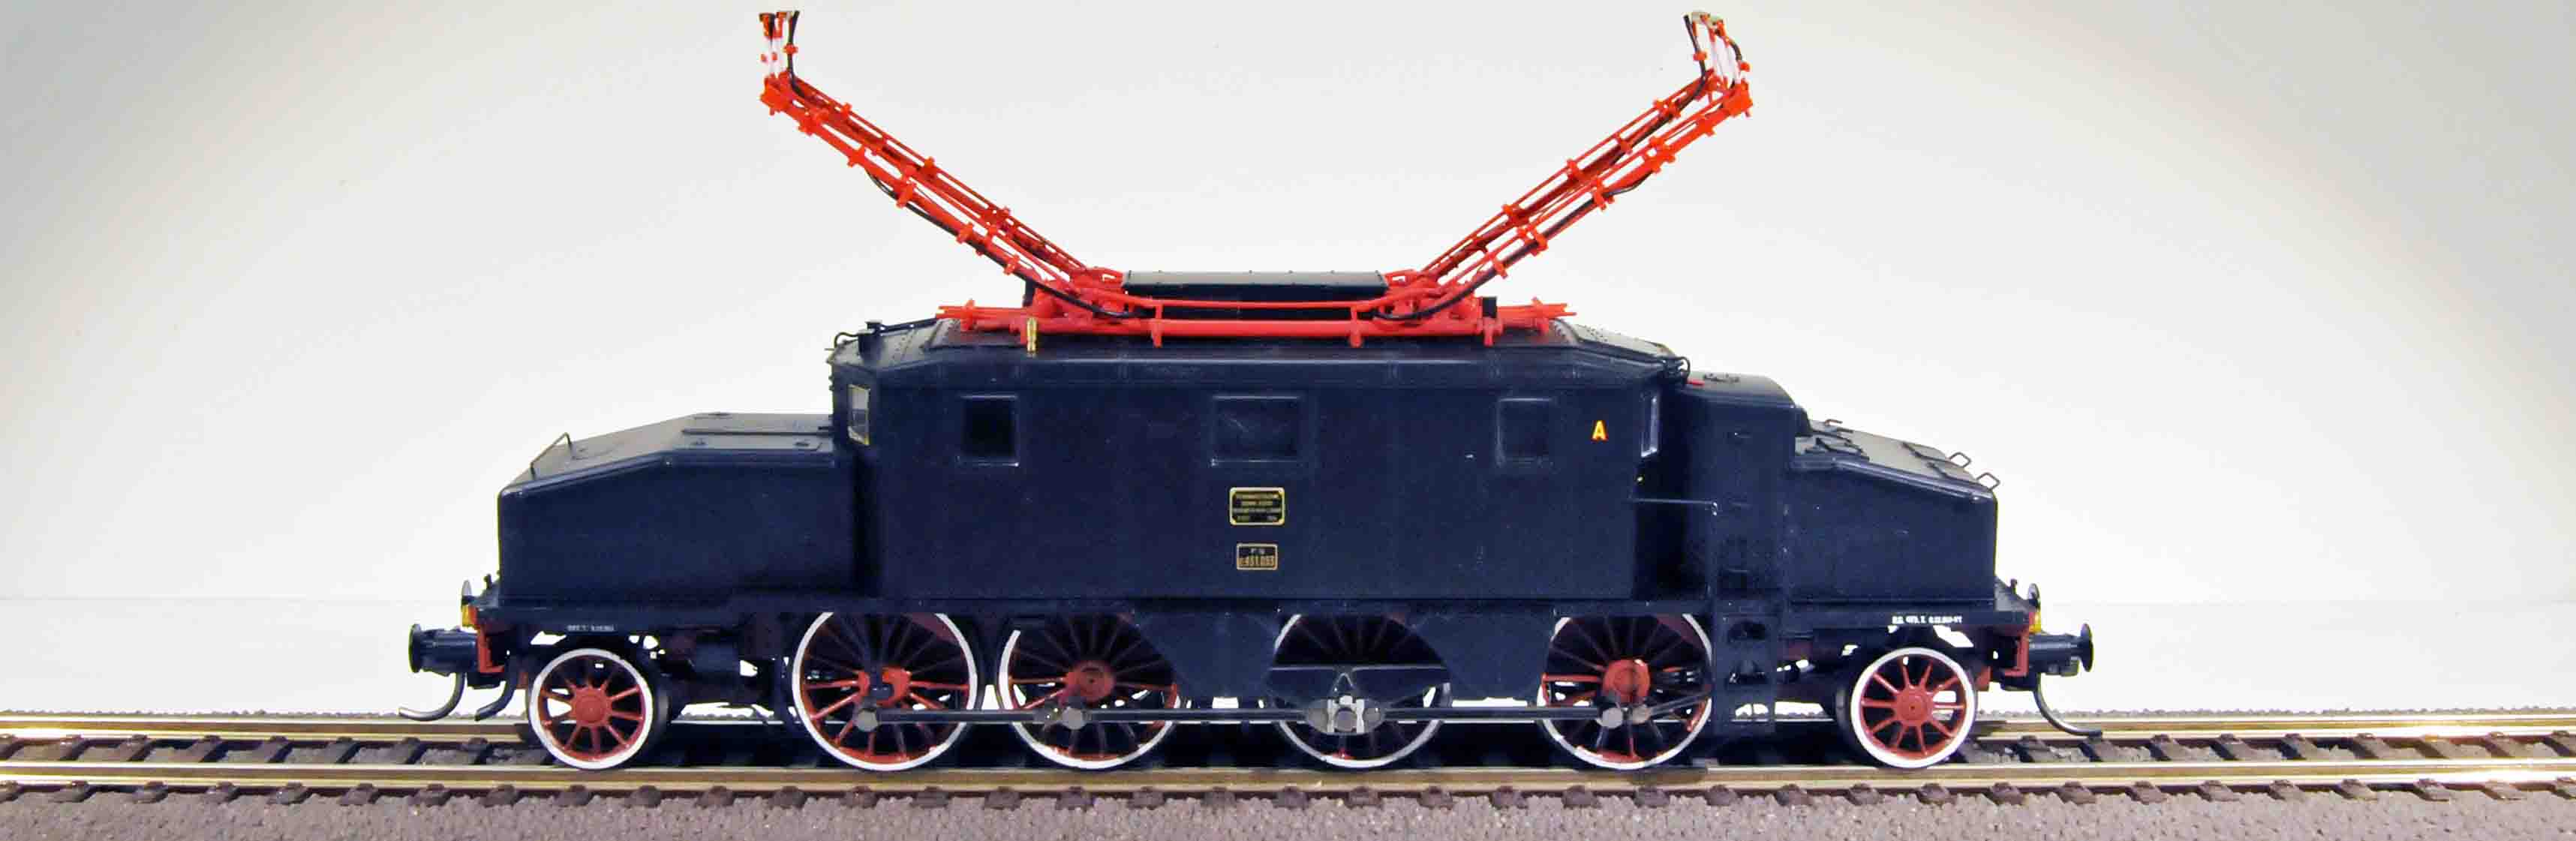 FS-E431-033